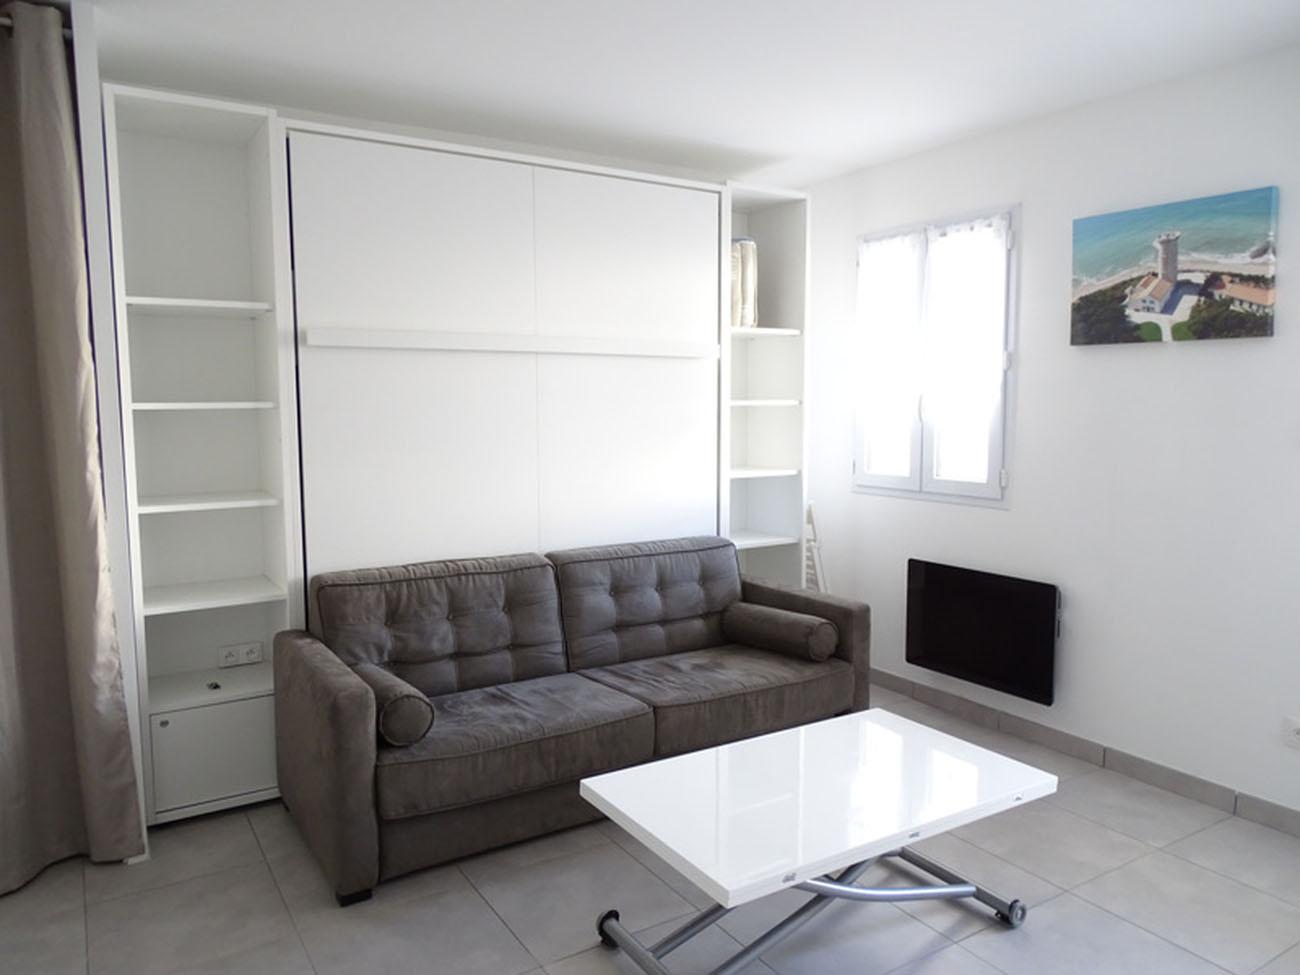 Location Appartement Ile de Ré - Carline - Pièce de vie